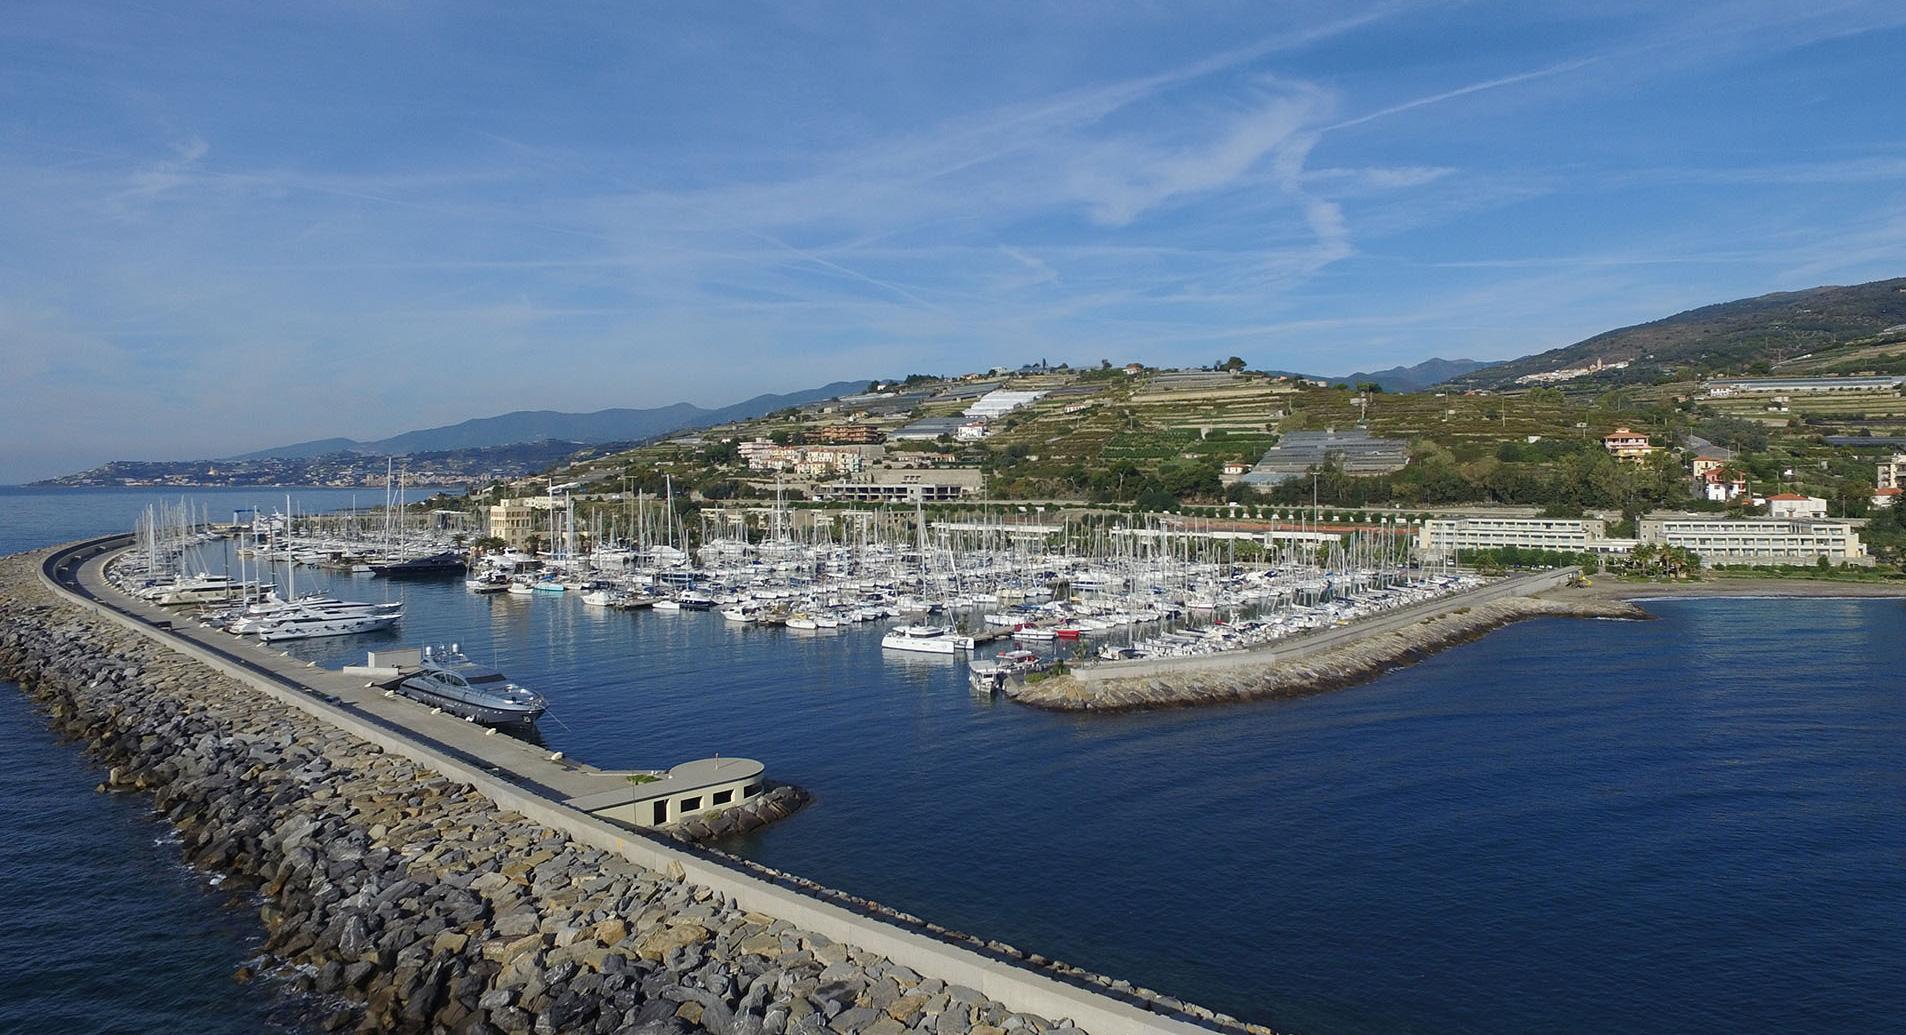 Marina Degli Aregai - Santo Stefano al Mare, Italy